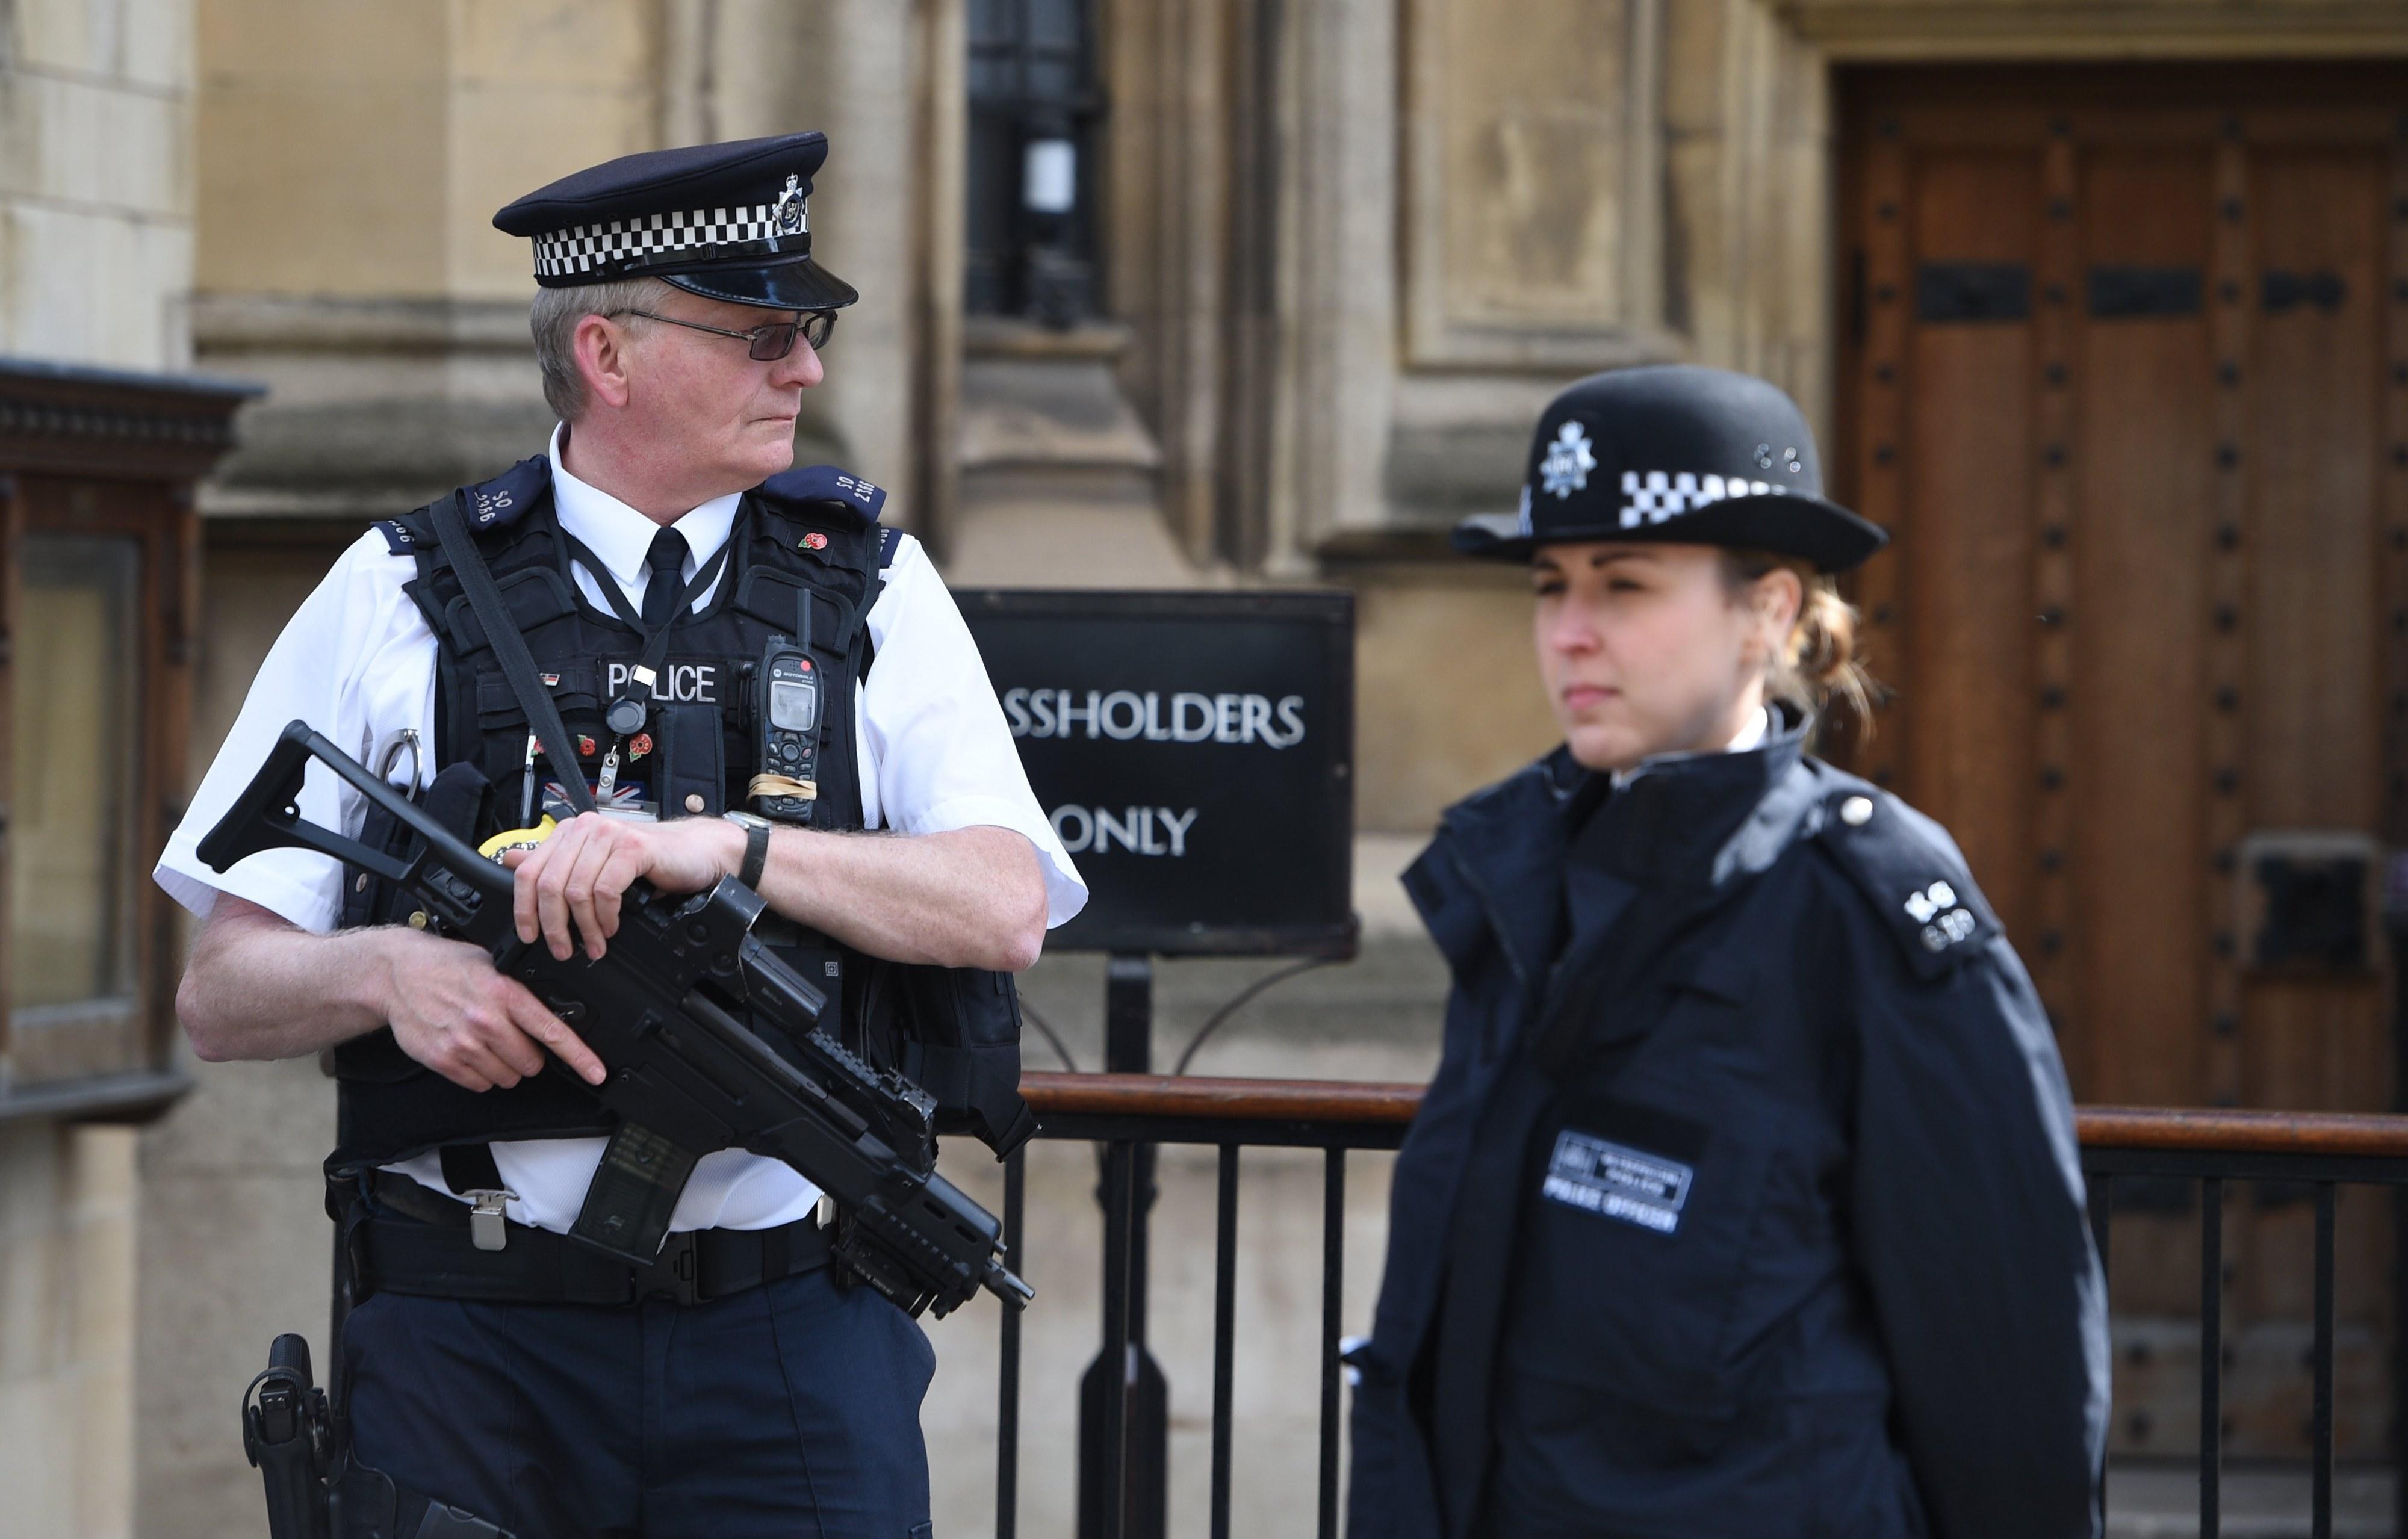 Homem detido em Londres é suspeito de planear ataque terrorista, diz a Polícia